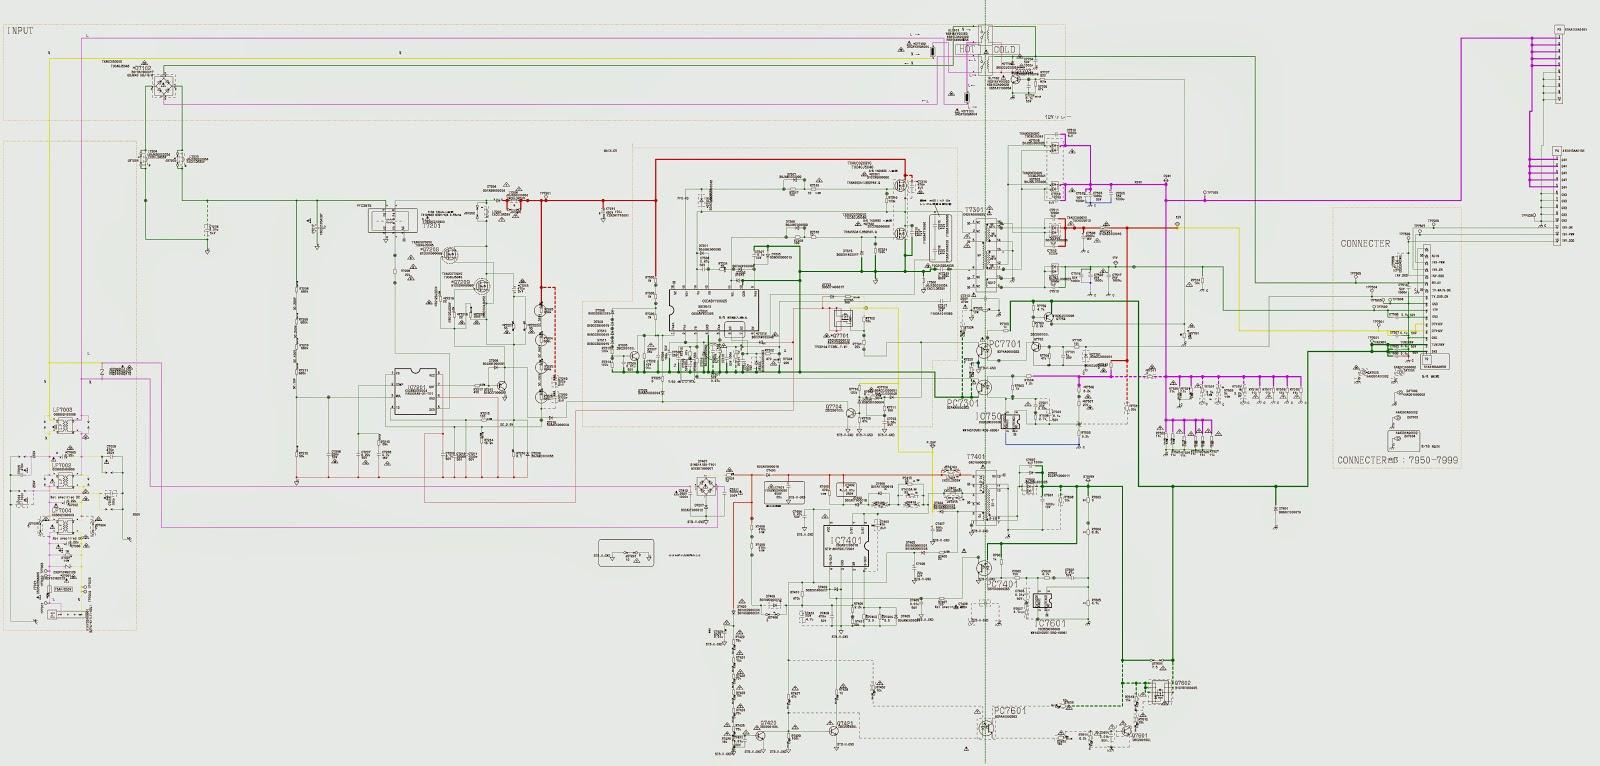 Panasonic Cq Rx100u Wiring Diagram 2000 Chevy 1500 Radio Tv -